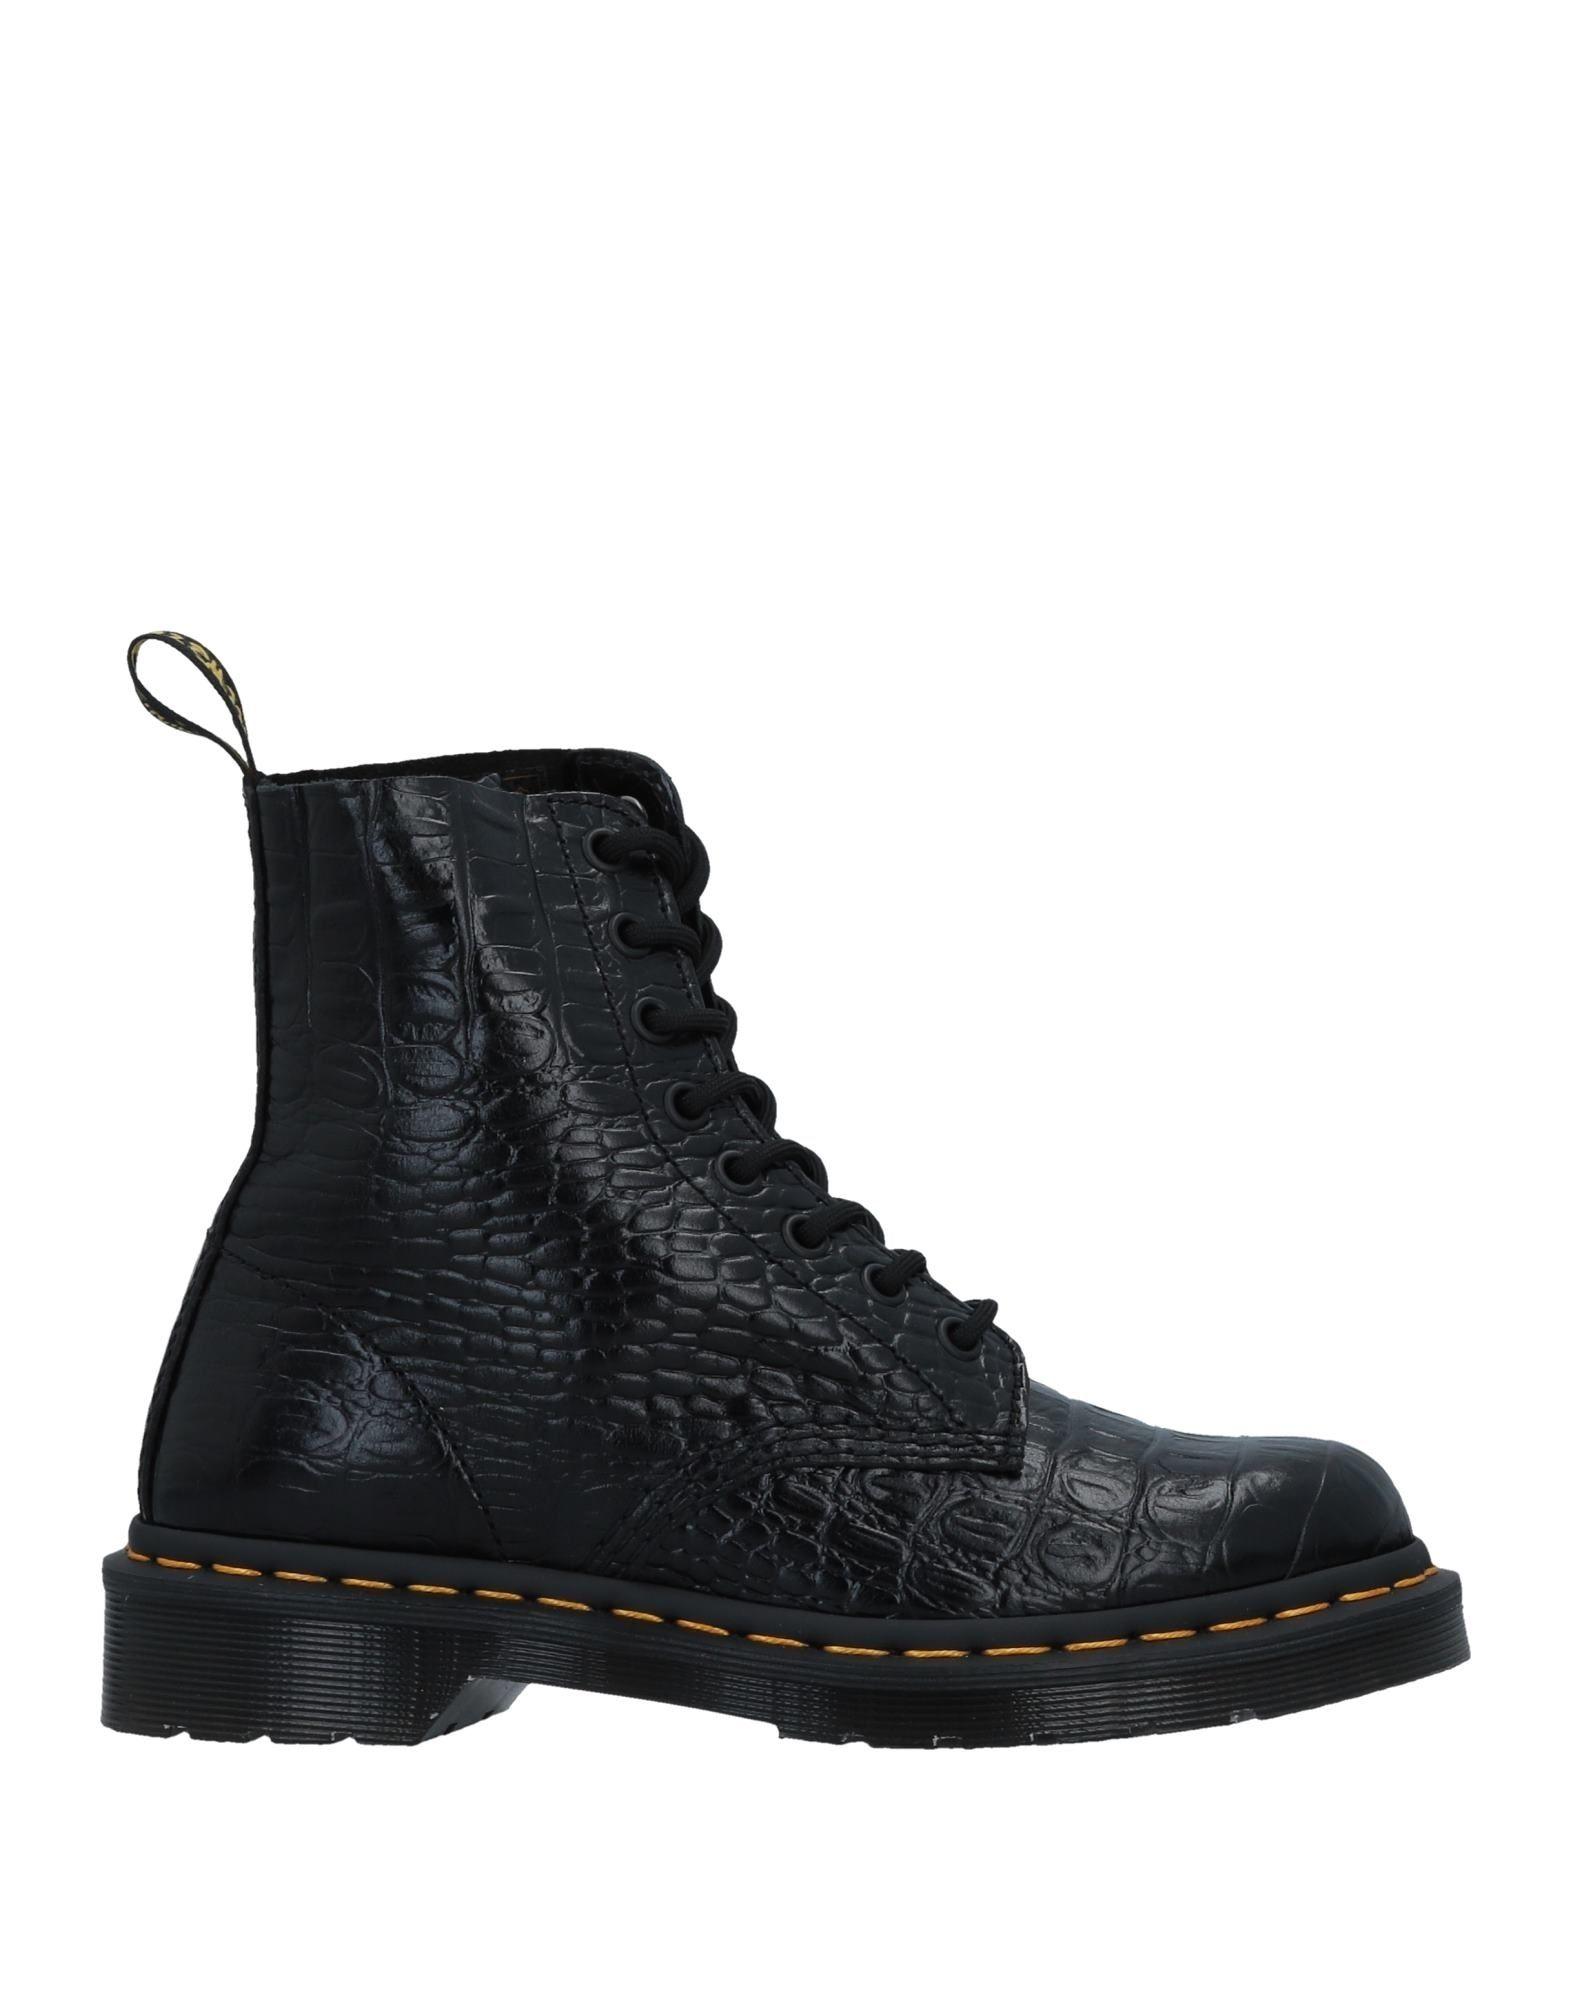 Stilvolle billige Damen Schuhe Dr. Martens Stiefelette Damen billige  11509787WP af9896